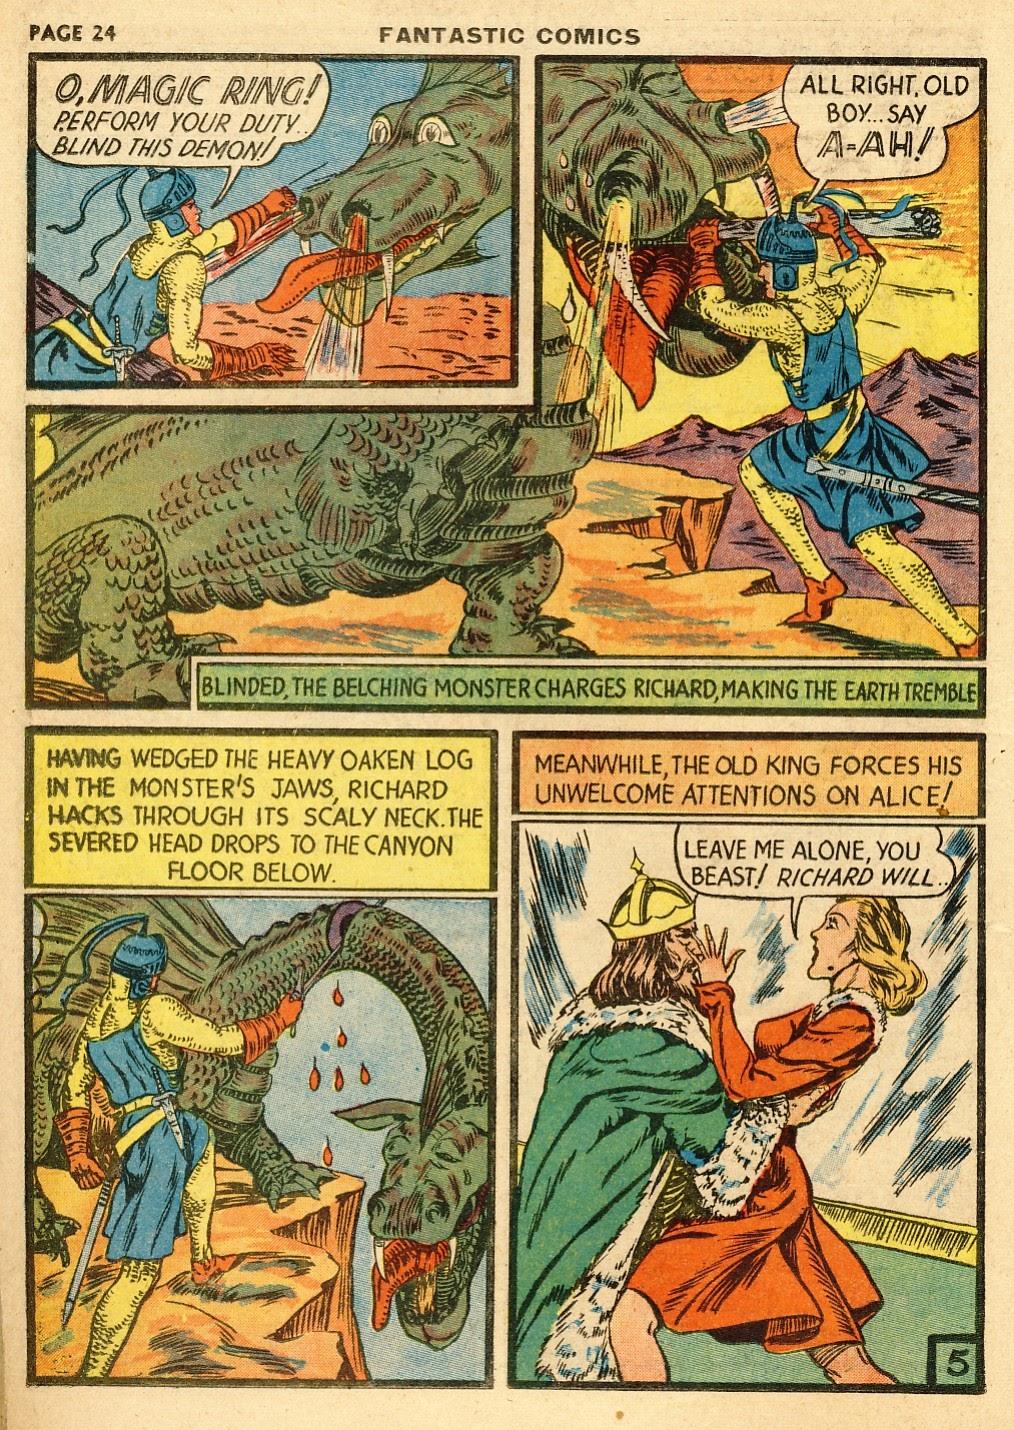 Read online Fantastic Comics comic -  Issue #10 - 25